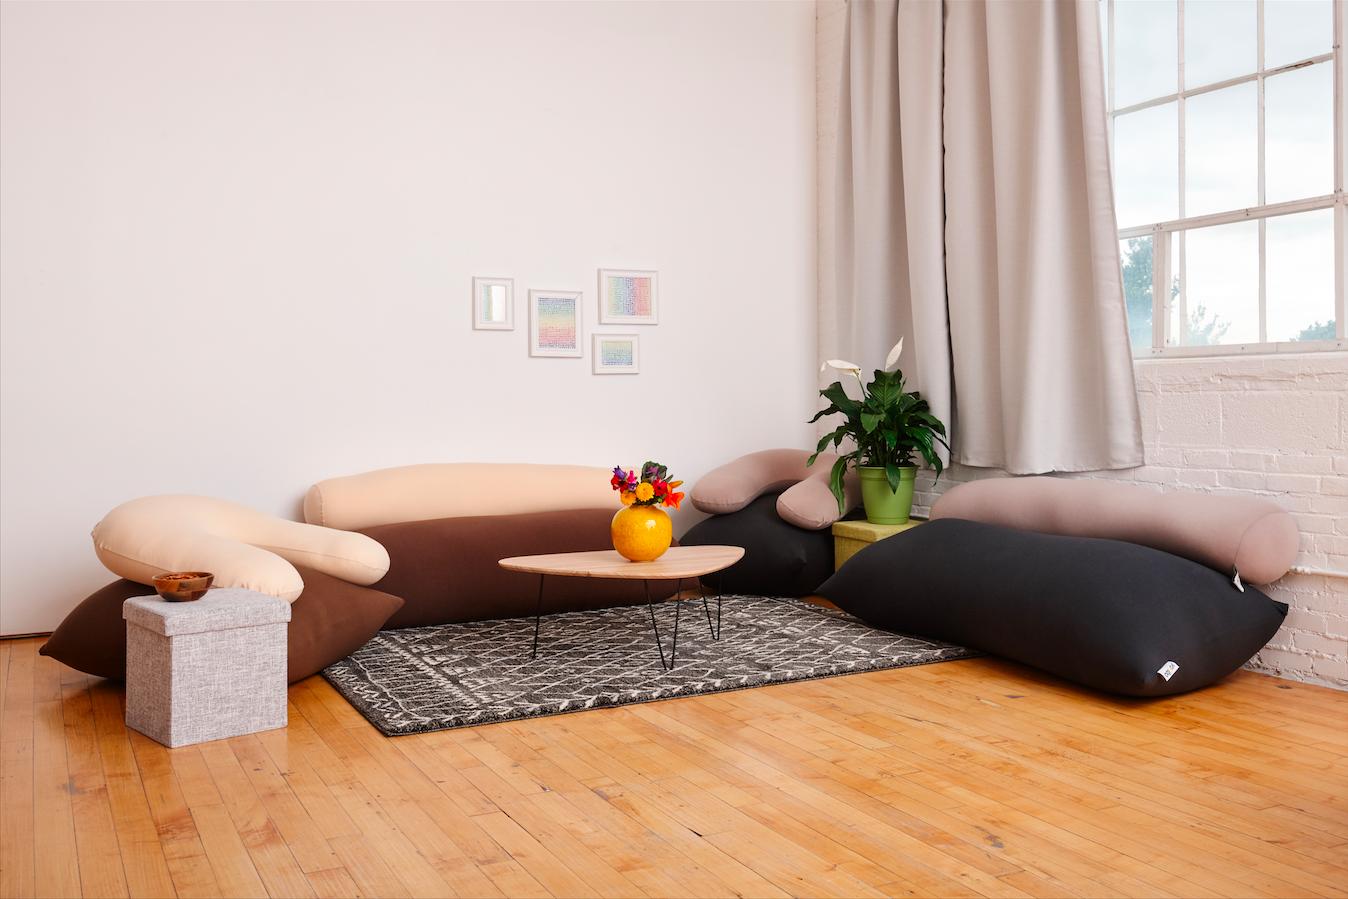 Yogibo Living Room インテリア 家具 ふたり暮らし インテリア ヨギボー